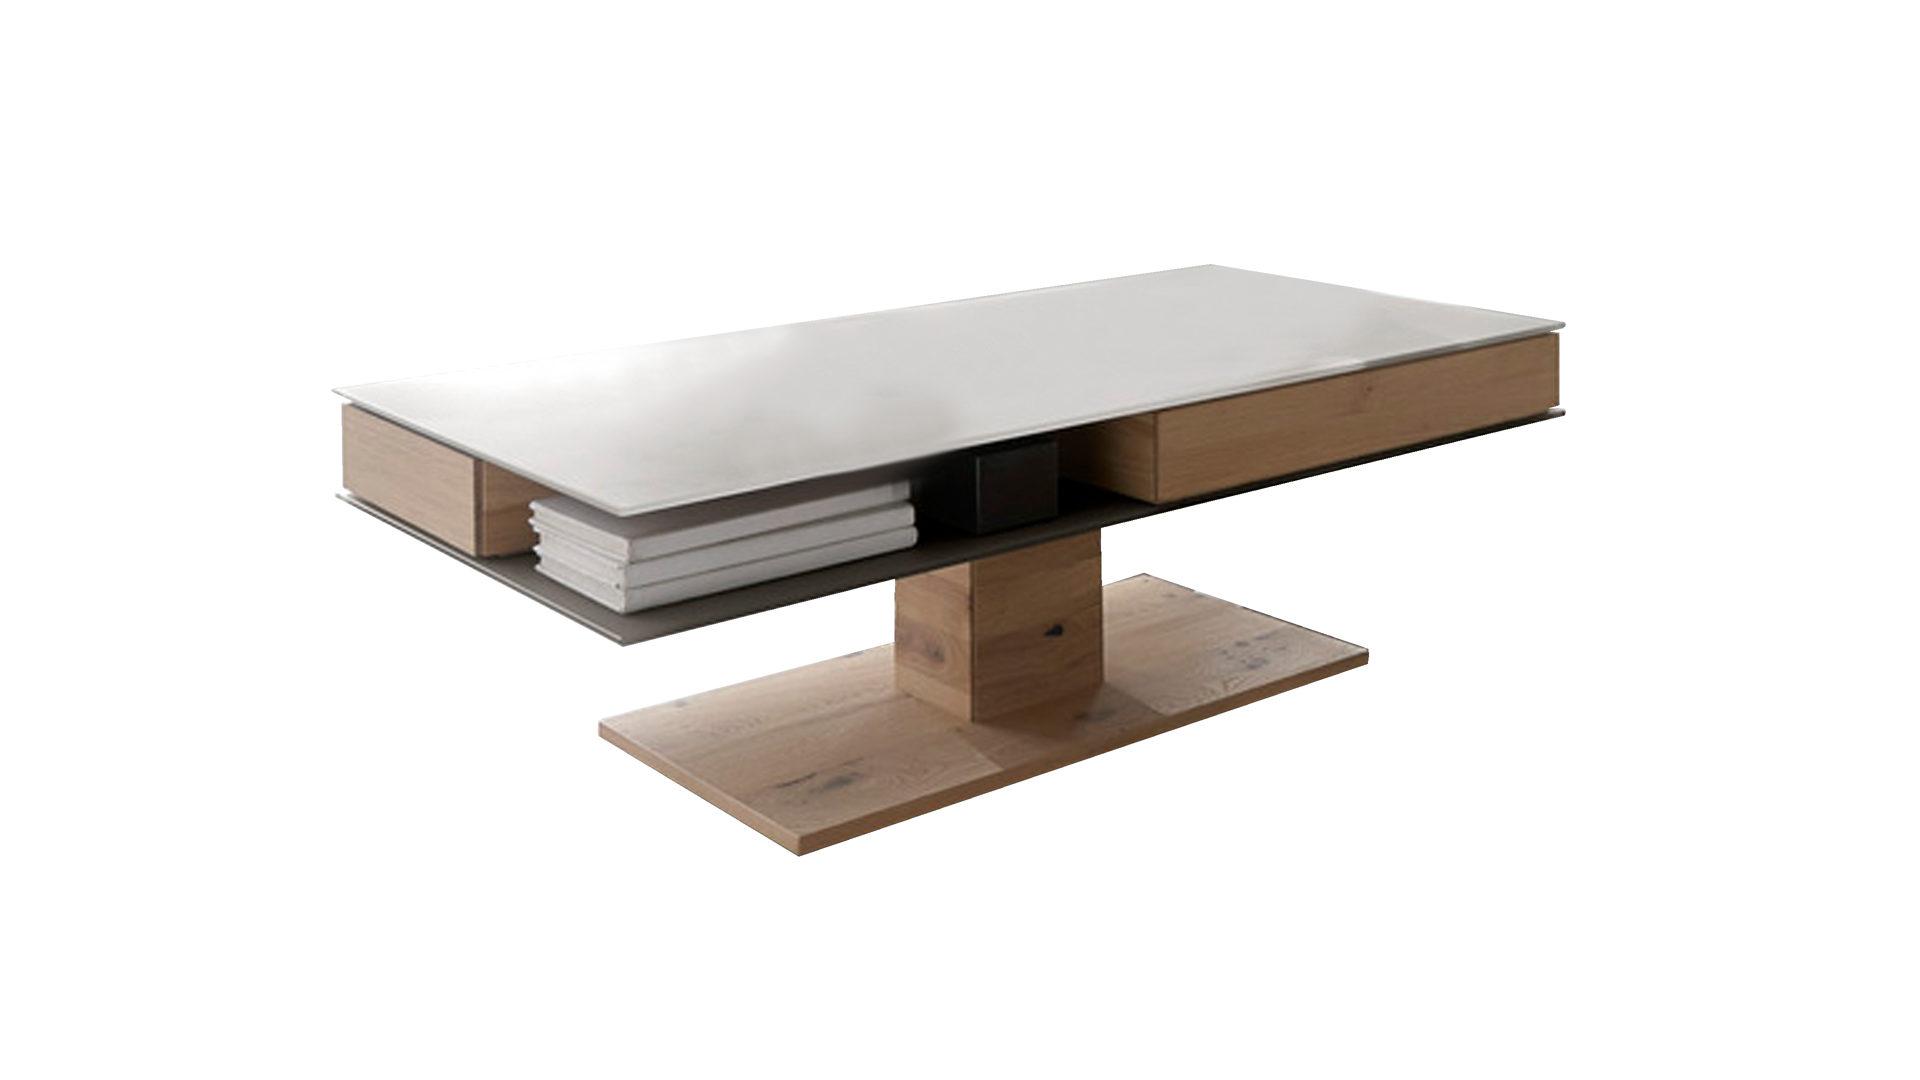 Möbel Eilers Apen Möbel A Z Tische Voglauer Voglauer V Solid